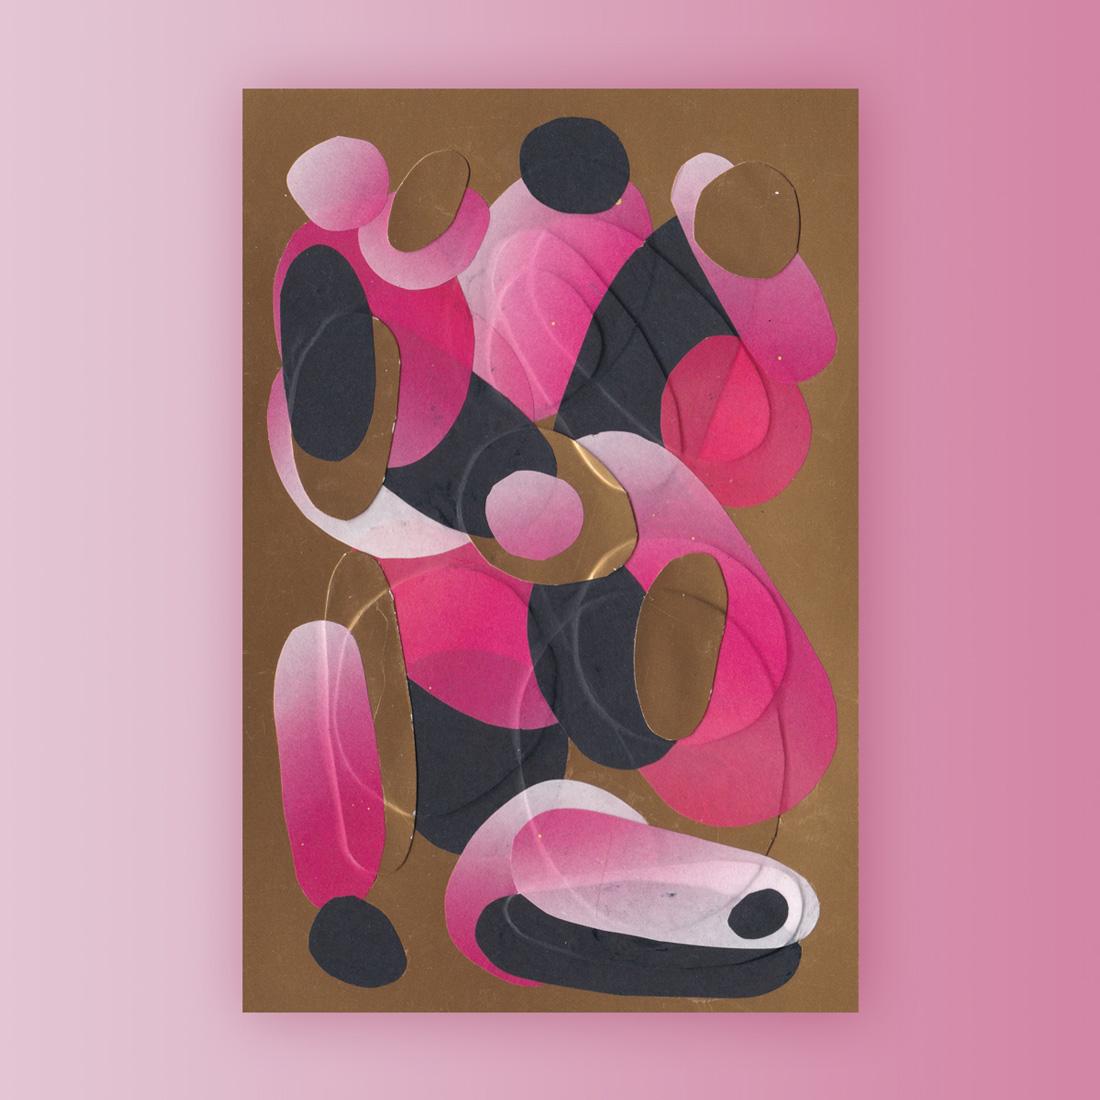 Petit collage de papier rose et or sur fond doré format A6